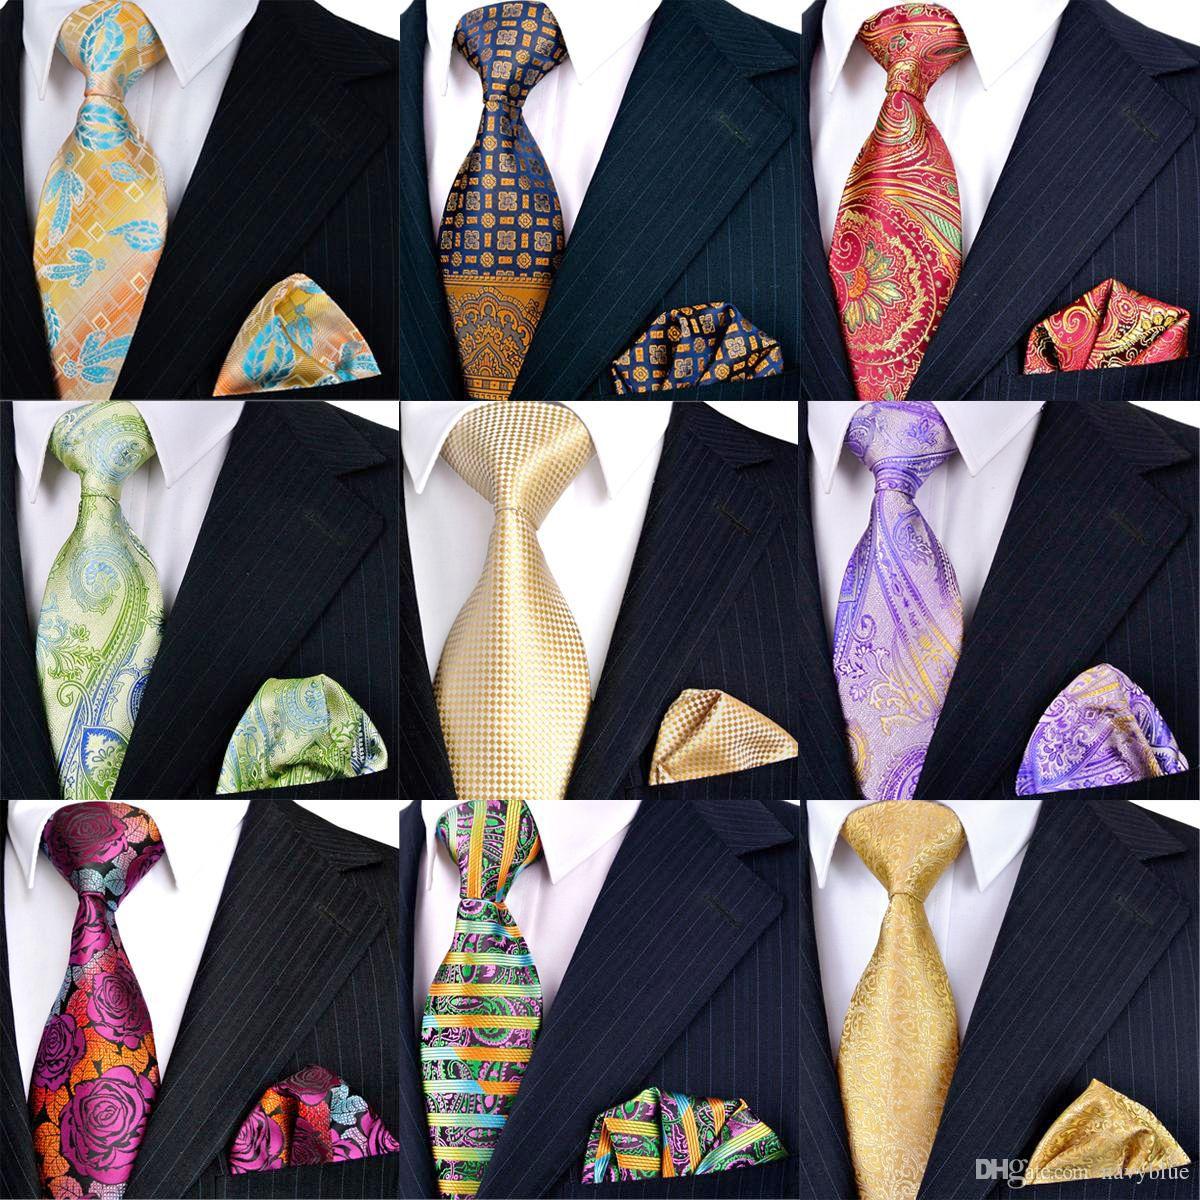 التعادل مجموعات قطع بالجملة بيع اليدوية الرجال ربطة العنق ساحة الجيب 100٪ وصول الحرير الجاكار المنسوجة المنديل العلامة التجارية الجديدة شحن مجاني جديد